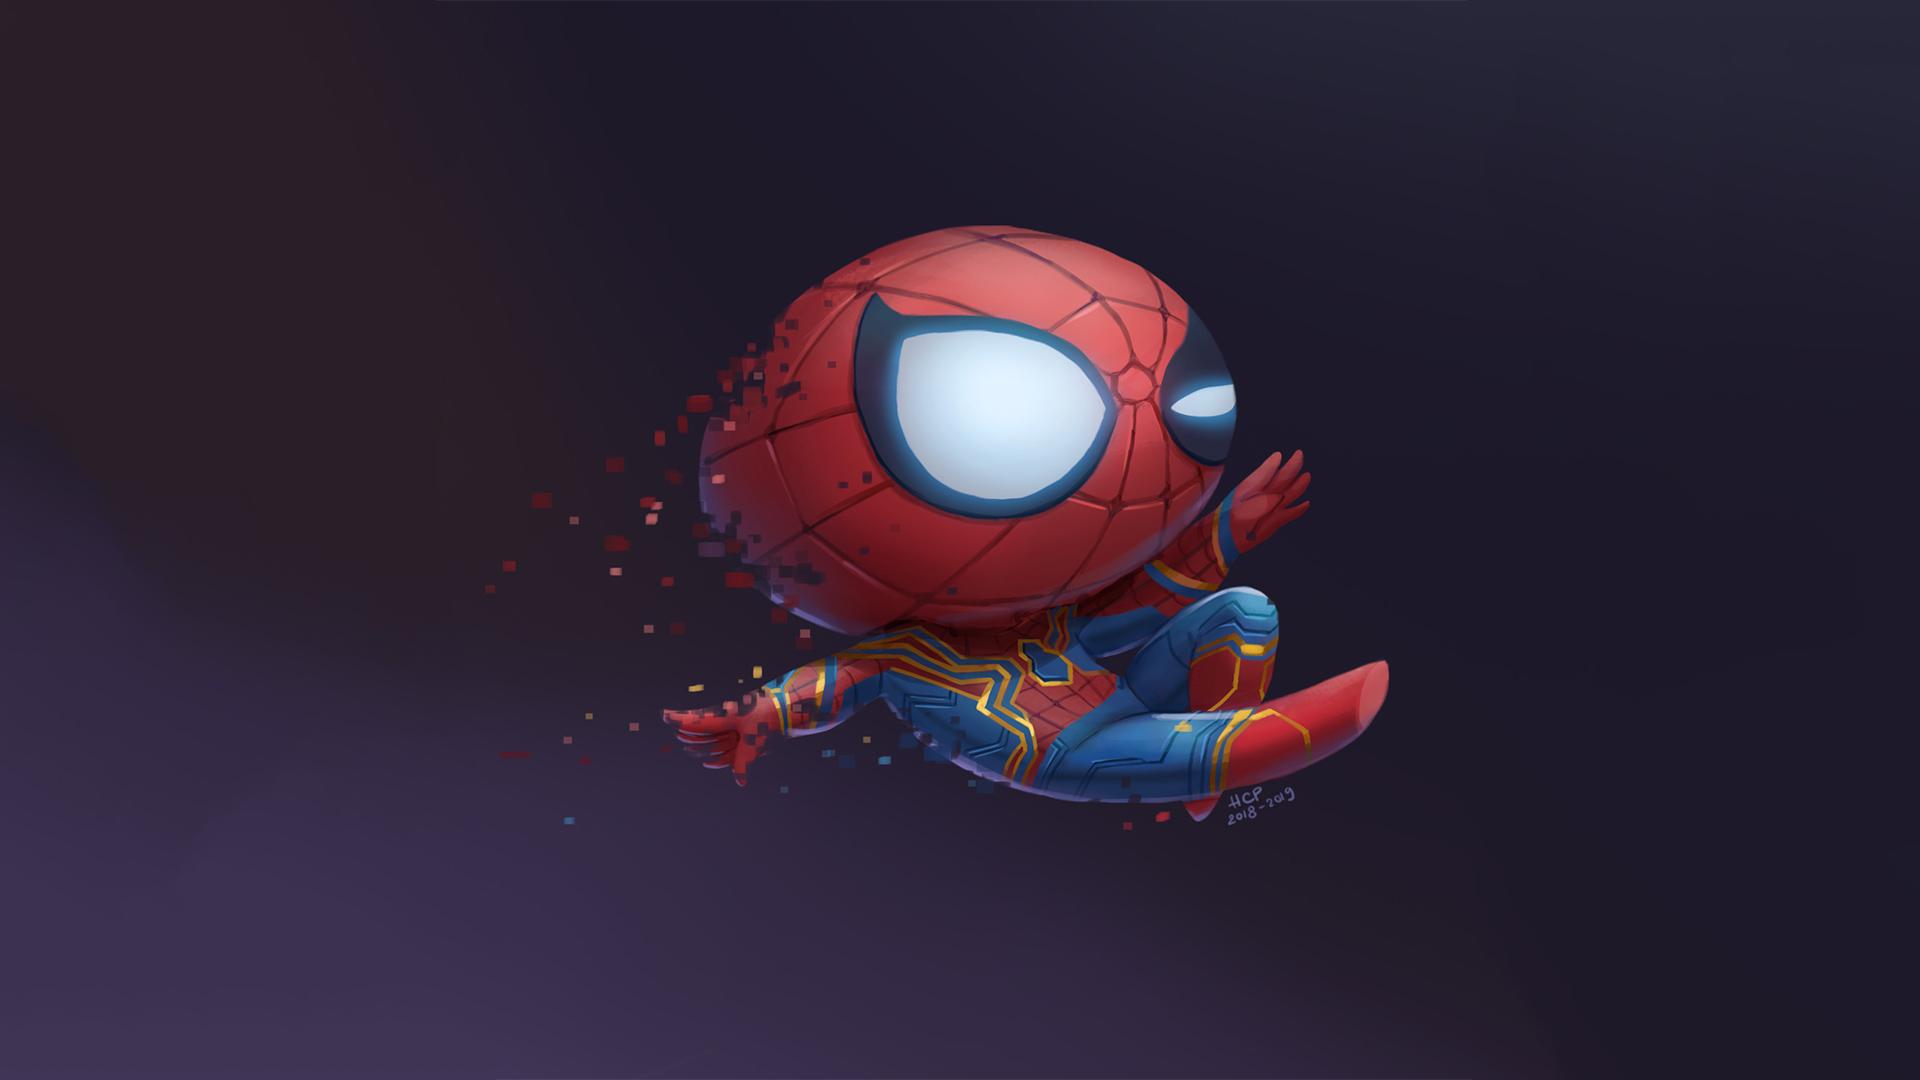 Hình nền chibi người nhện